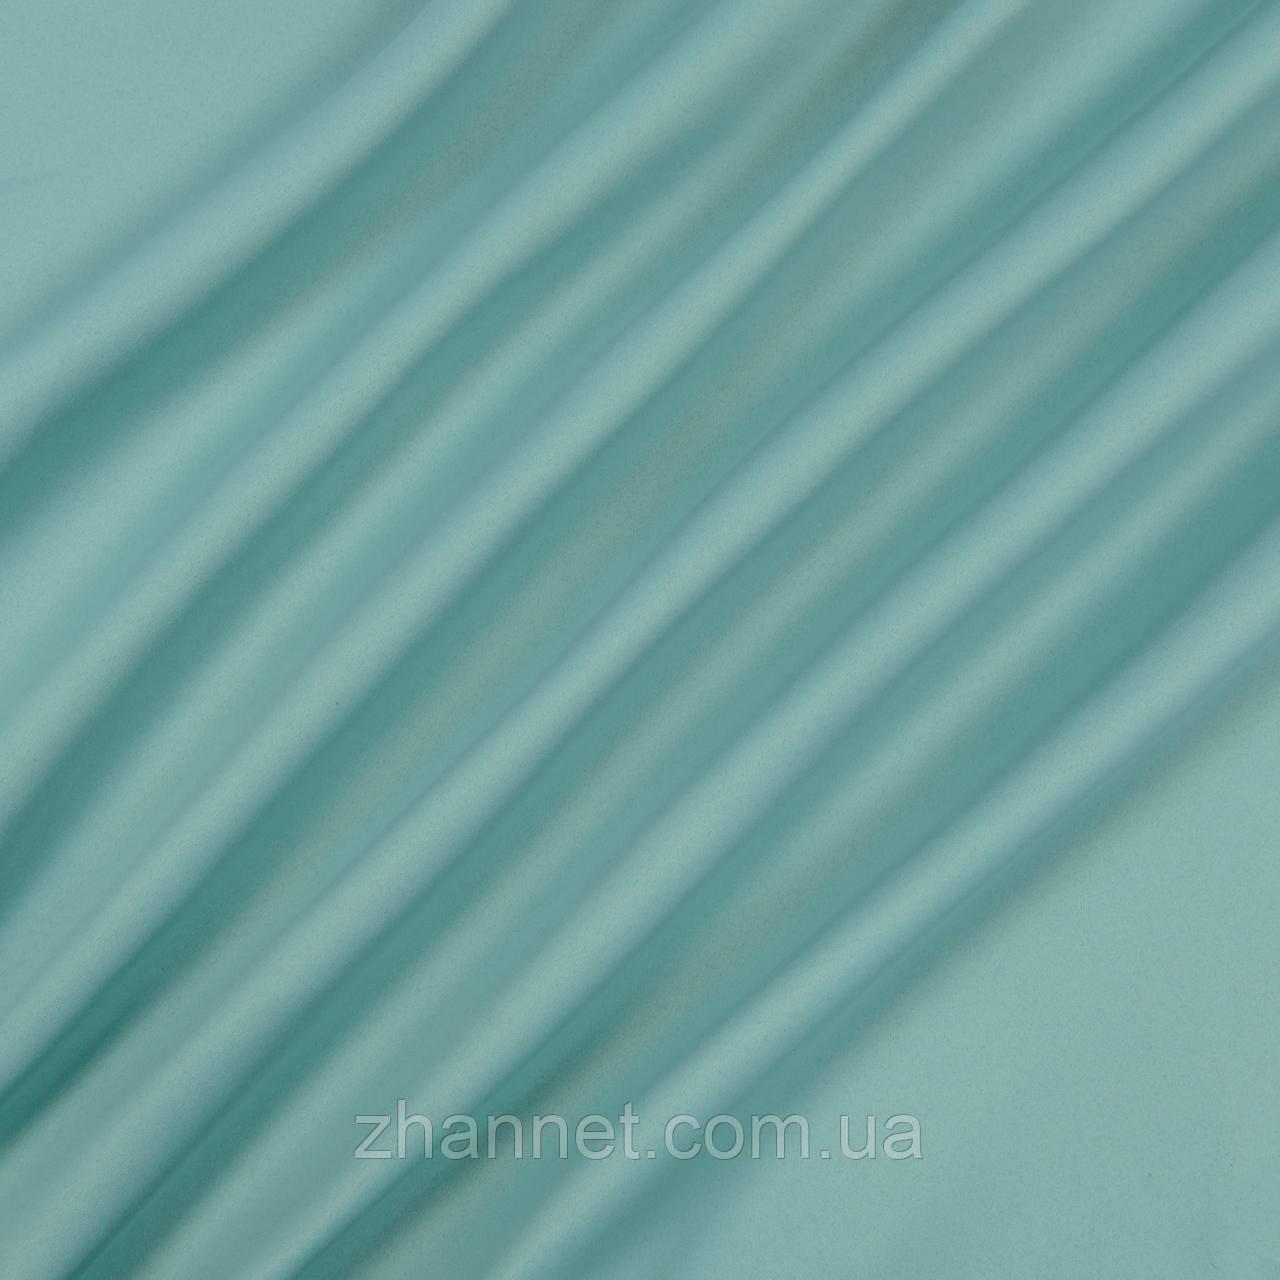 Ткань Блекаут морская лагуна 280 см (681561)